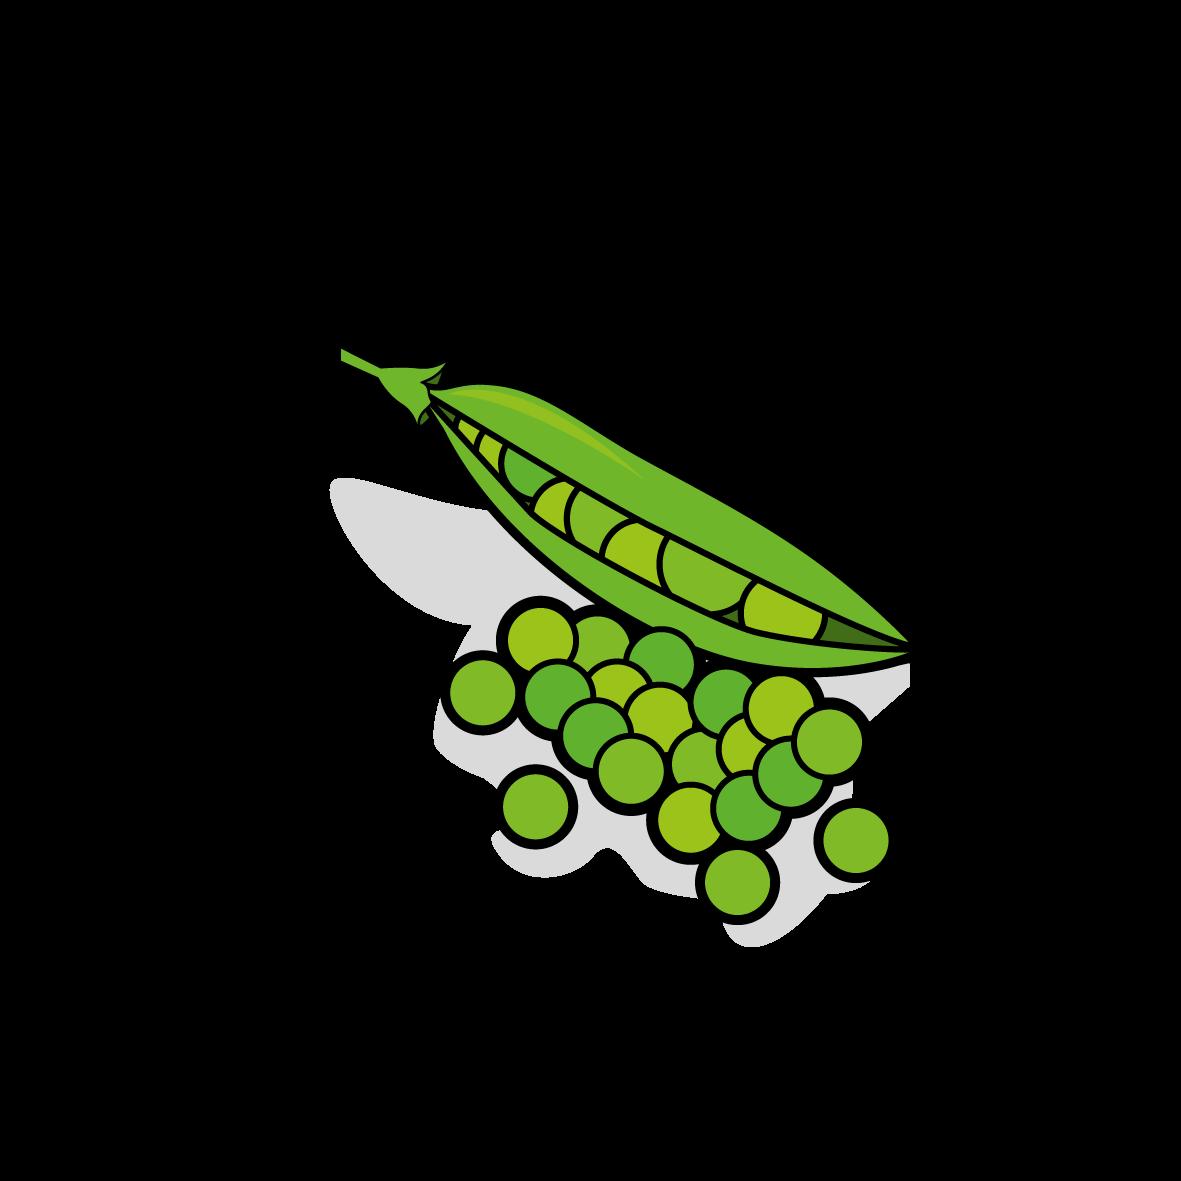 Icone de petits pois, ailmacocotte.com